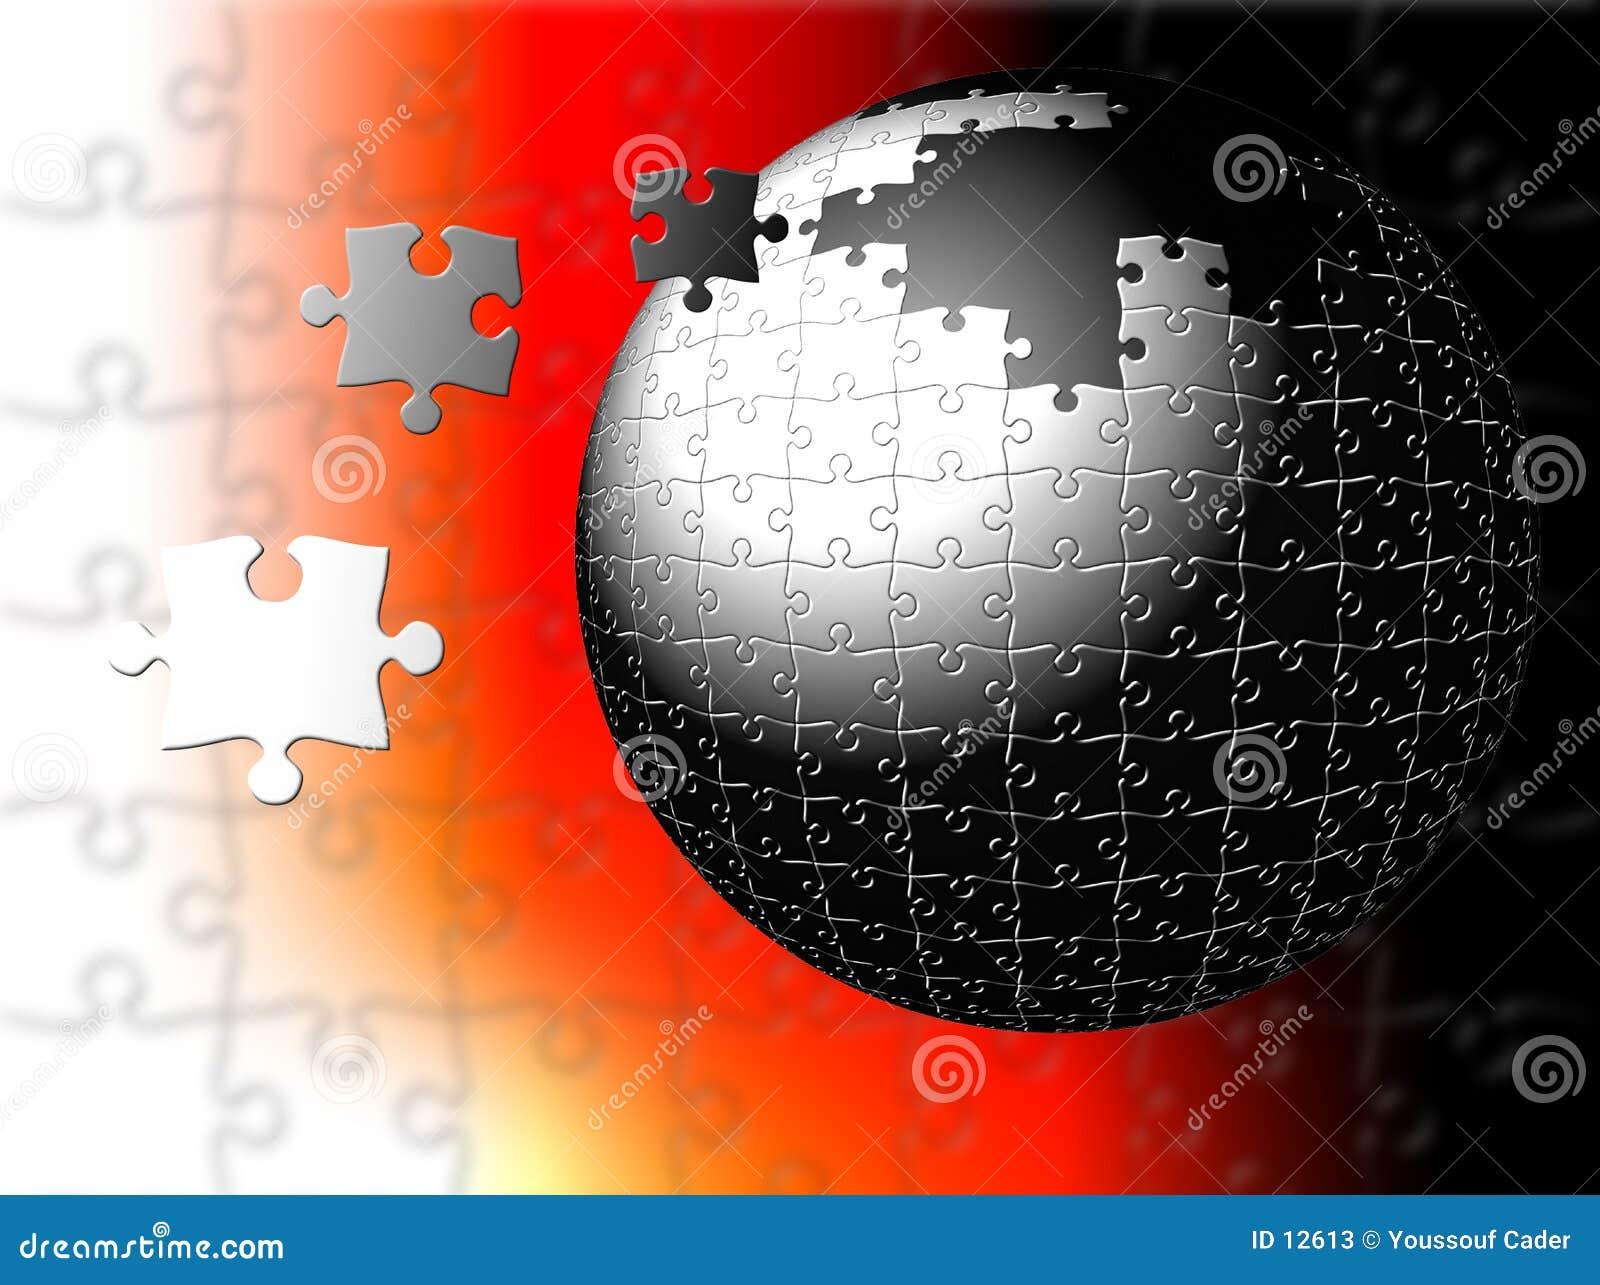 Nucleus Puzzle